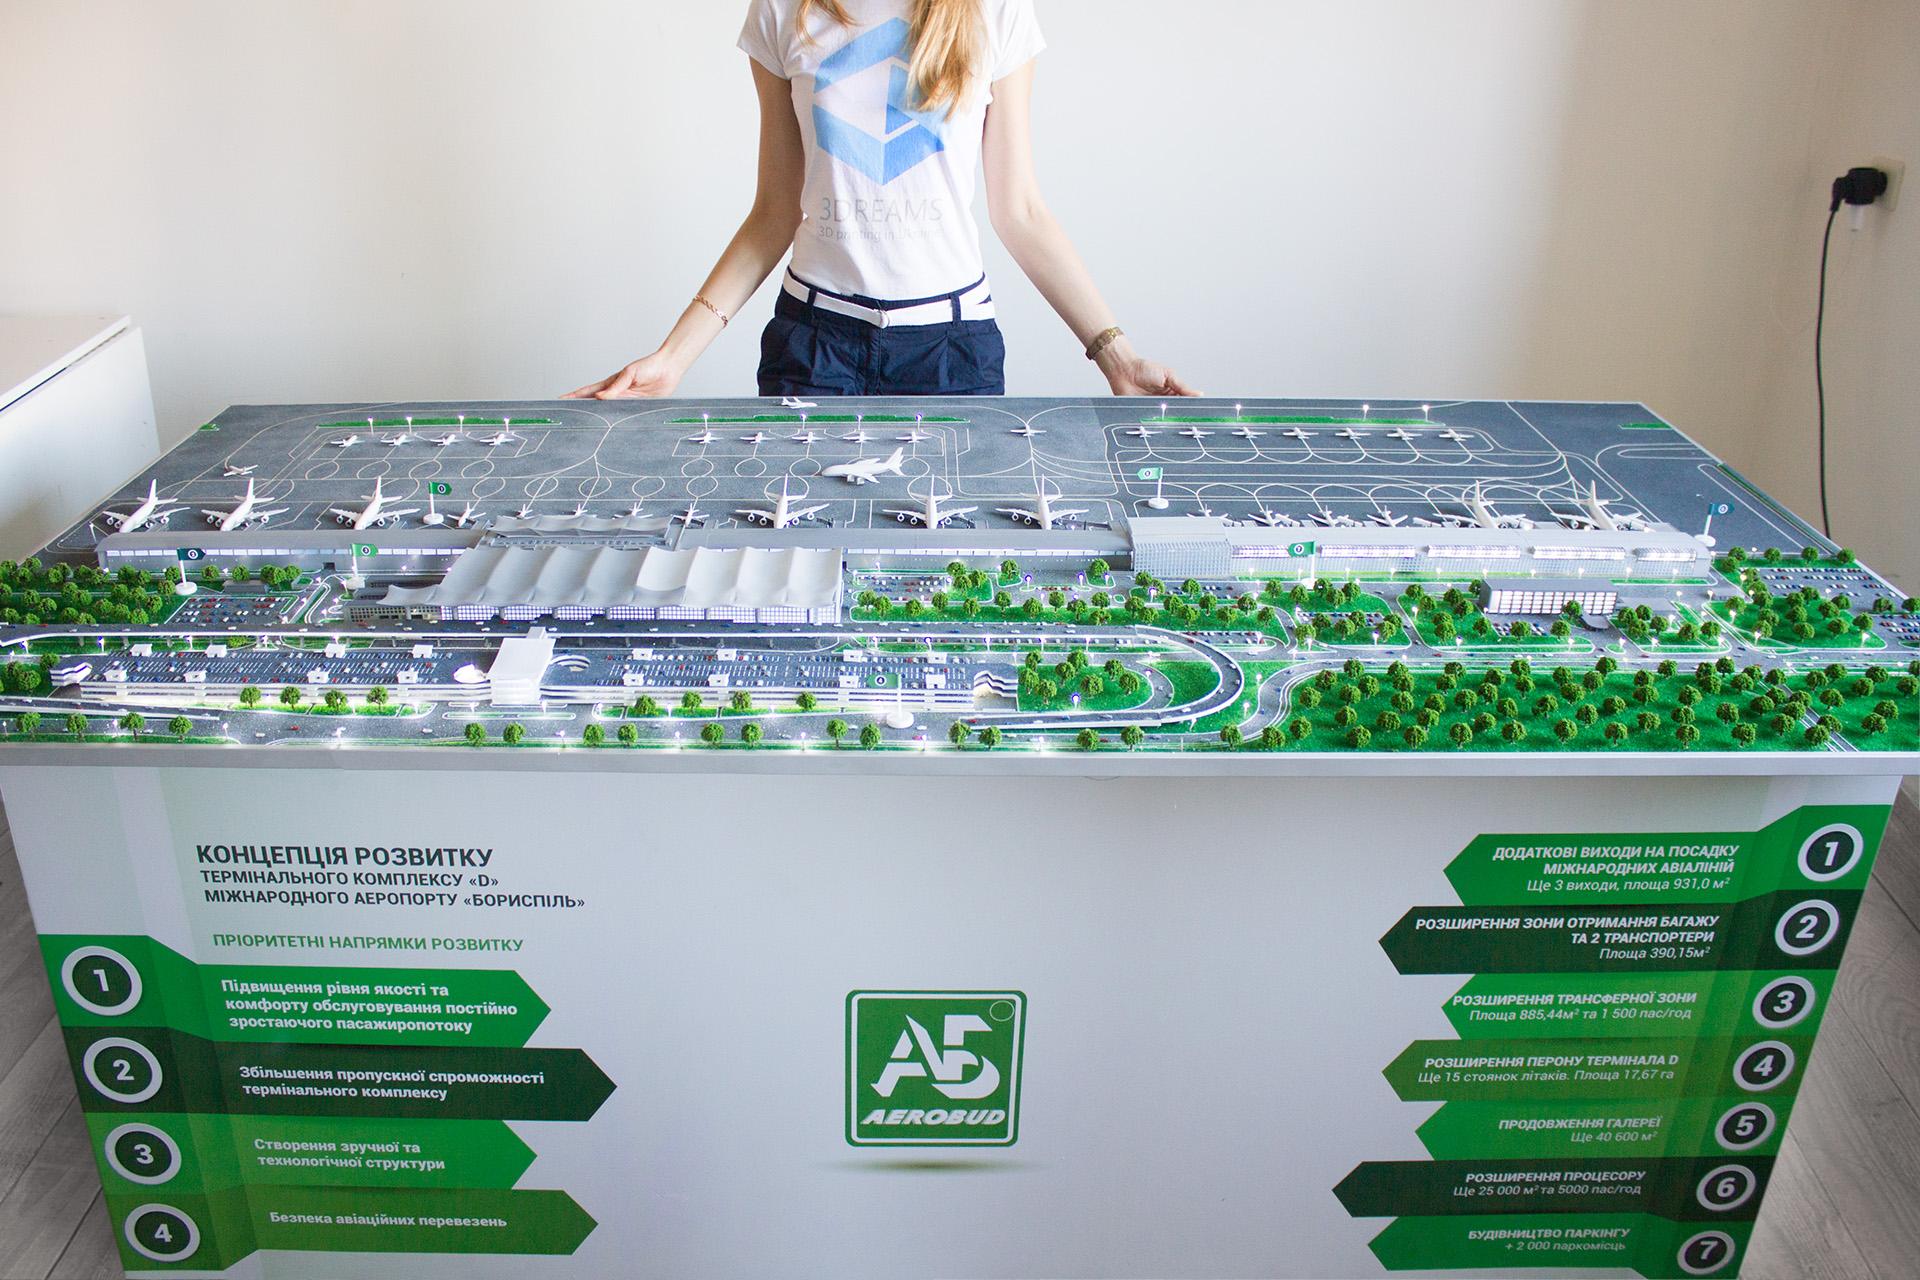 Макет аэропорта Борисполь